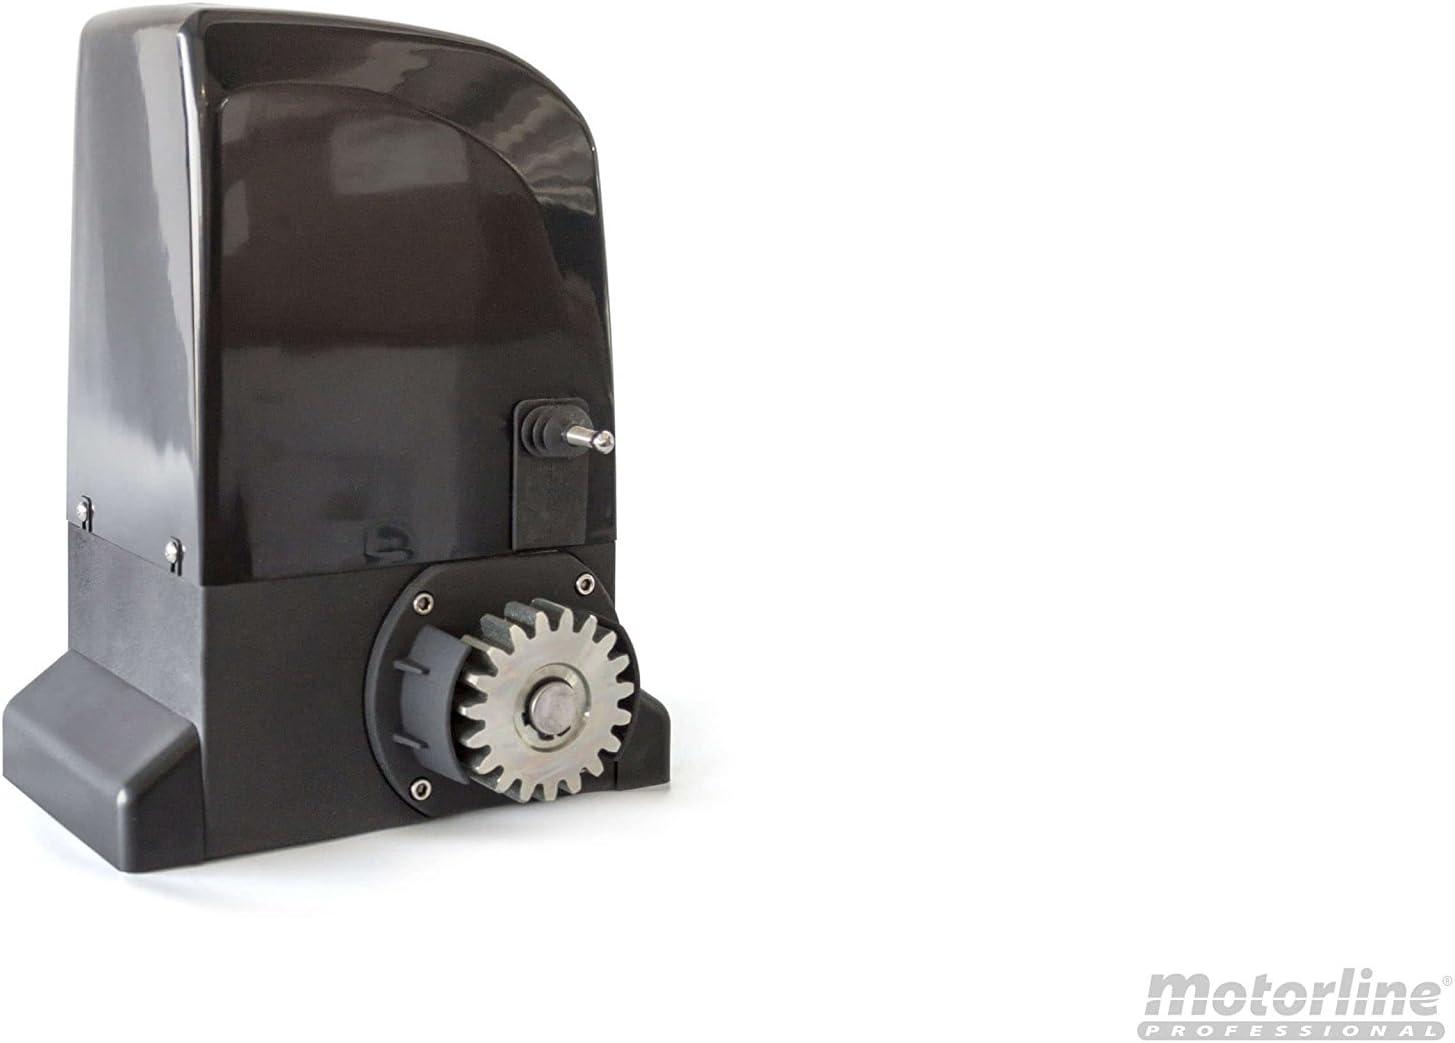 con accesorios de calidad profesional y manual en espa/ñol. Kit completo Motorline Bravo 500 motor corredera profesional para automatizar puertas y cancelas correderas de hasta 500 kg de peso